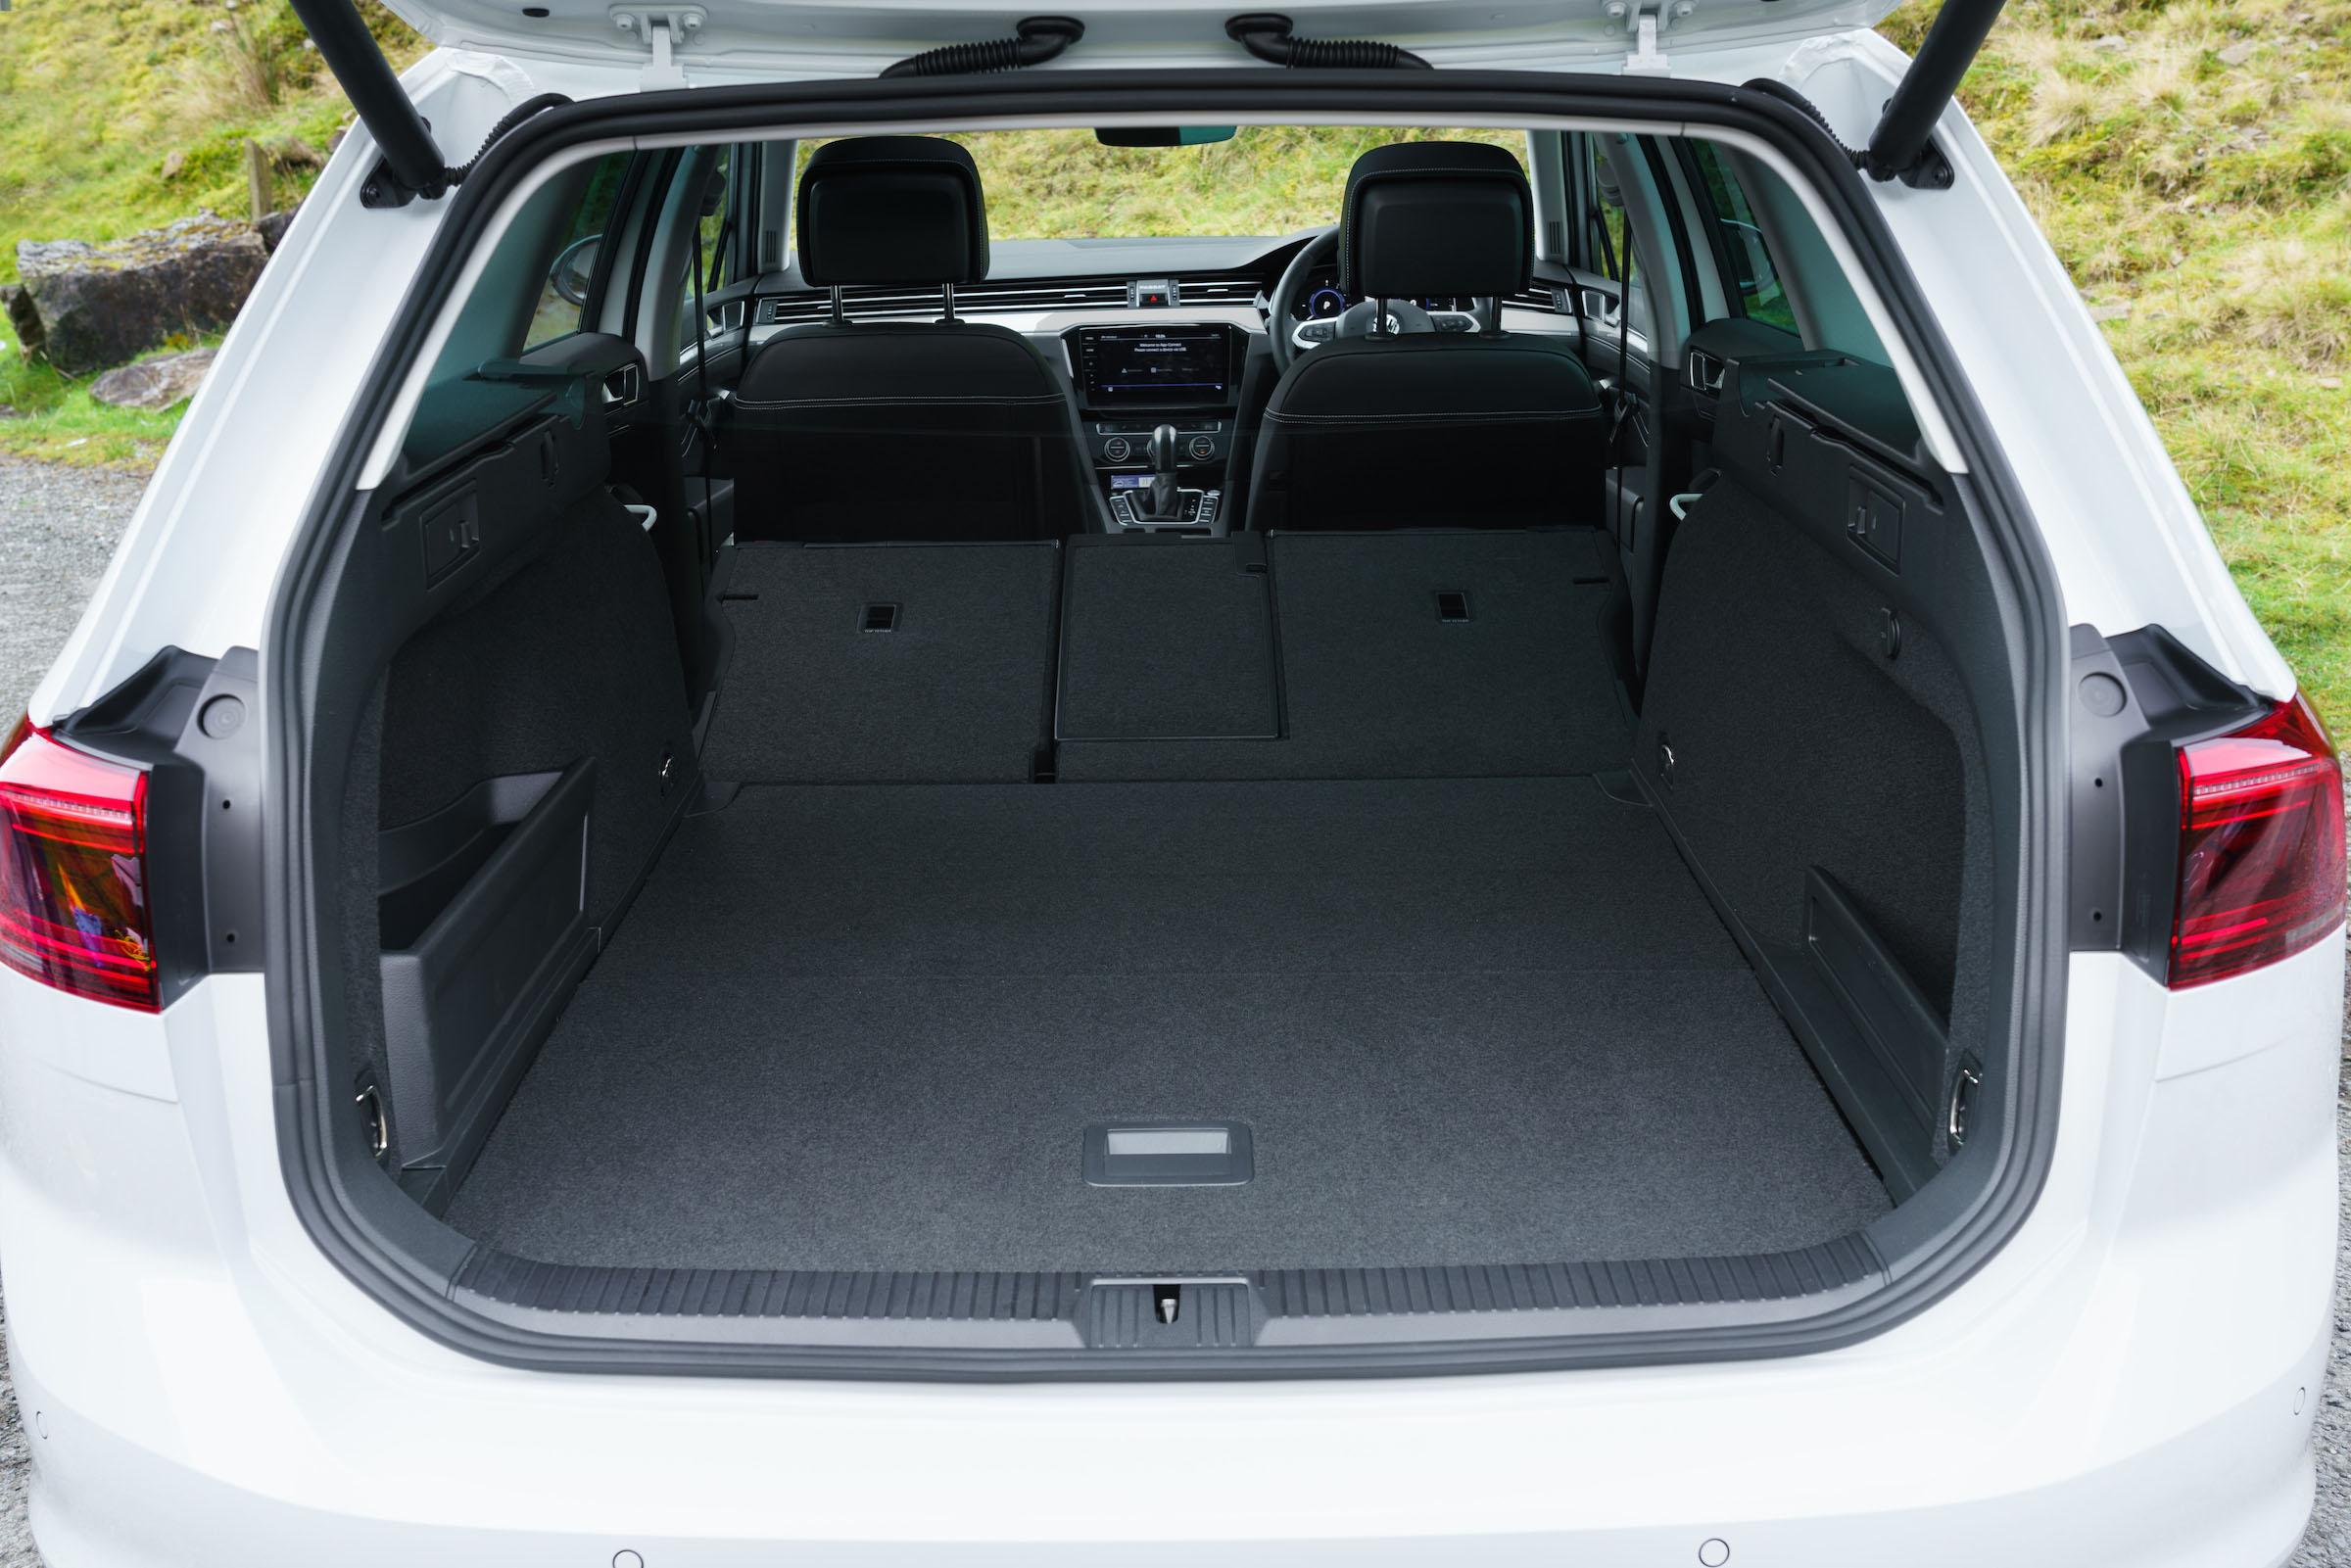 Volkswagen Passat Gte Estate Practicality Boot Space Drivingelectric